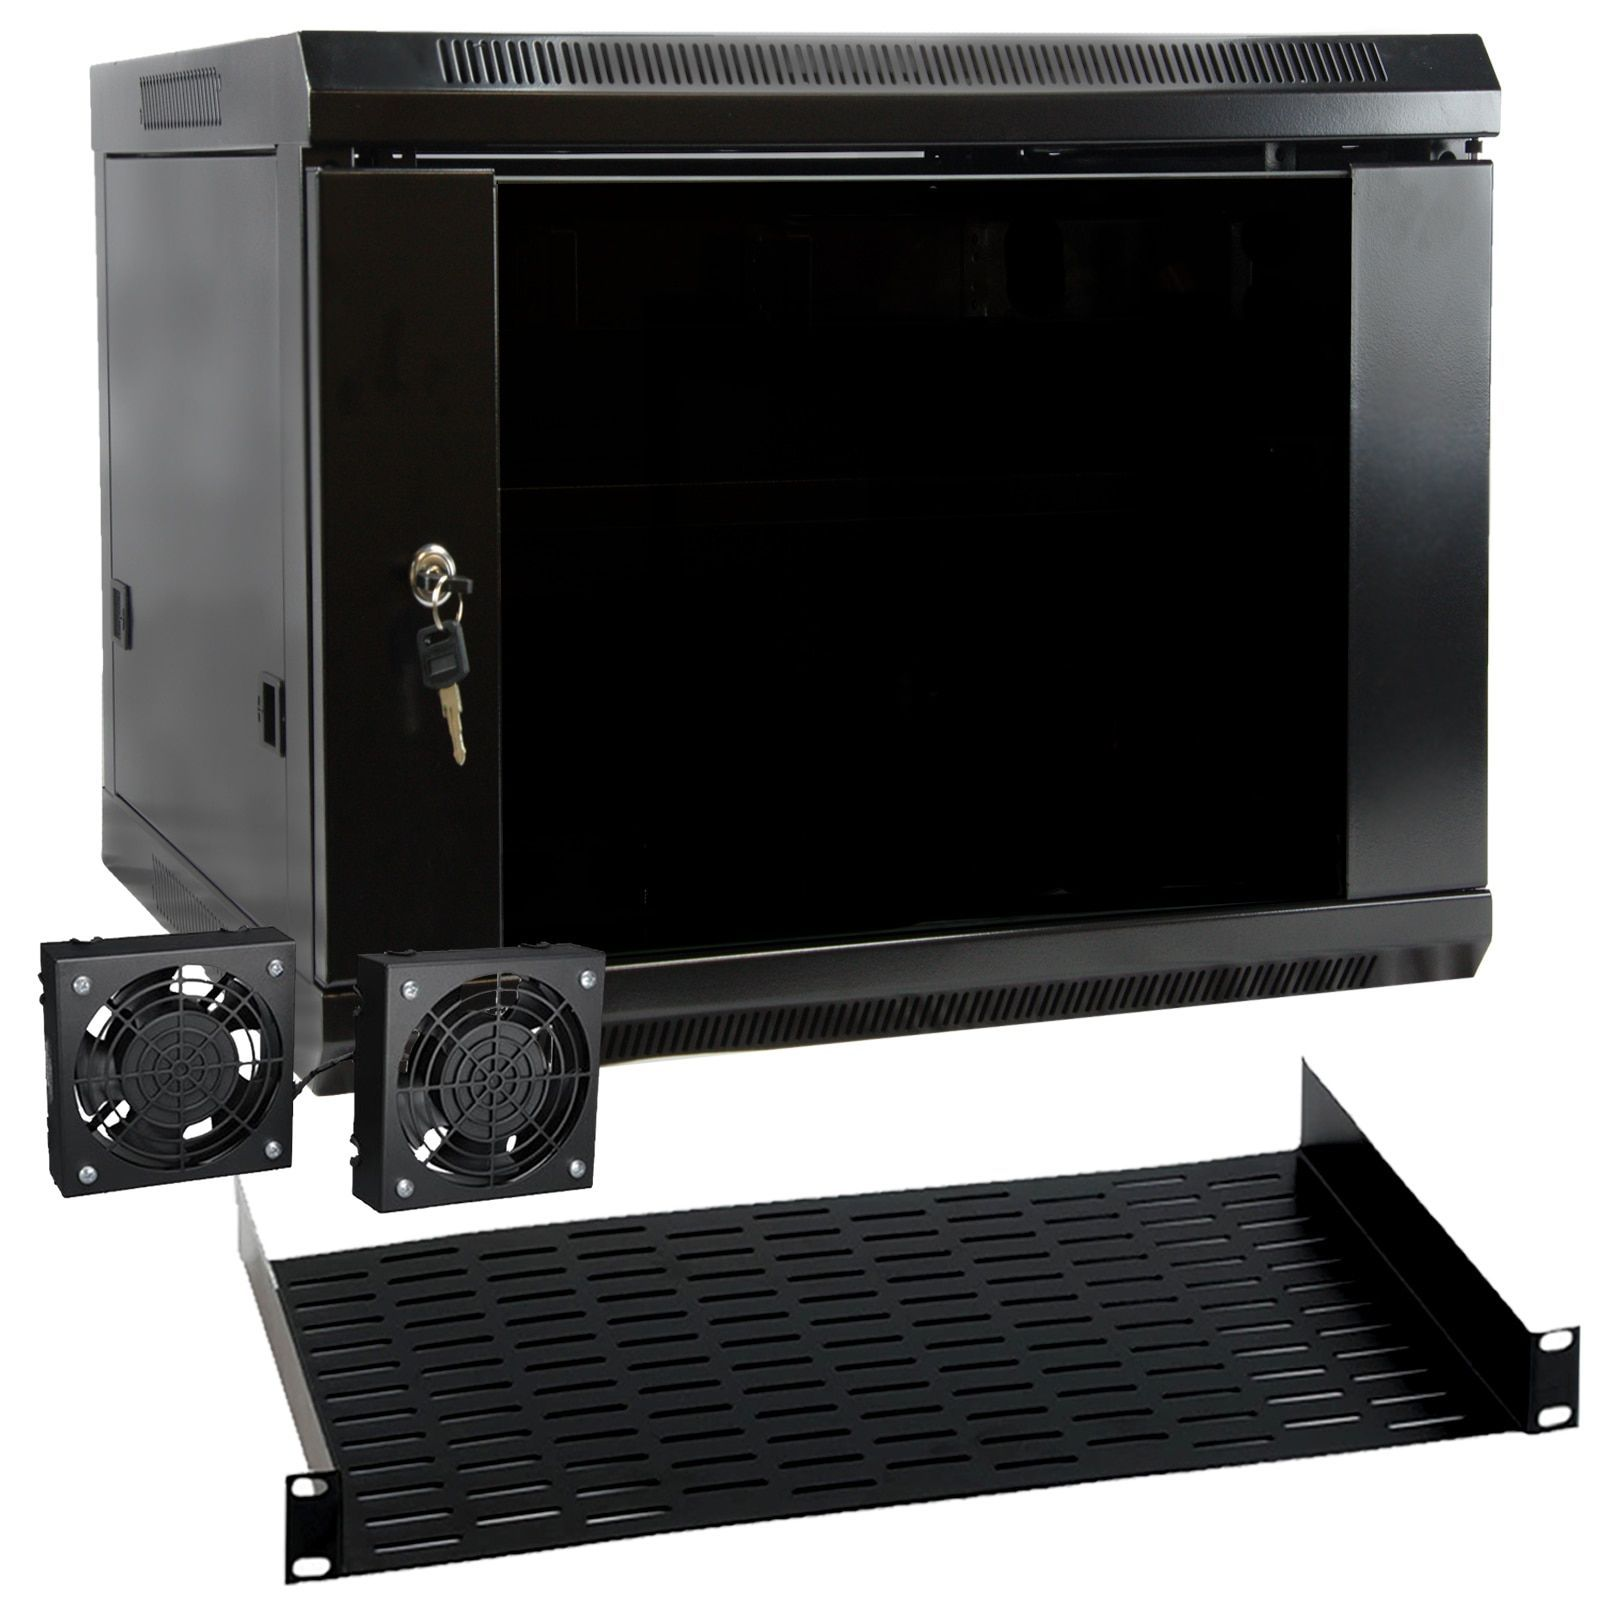 Megamounts 9u Black Wall Mount Rack Enclosure Server Cabinet 9u Server Cabinet 94395010m Products In 2019 Wall Mount Rack Server Cabinet Server Rack